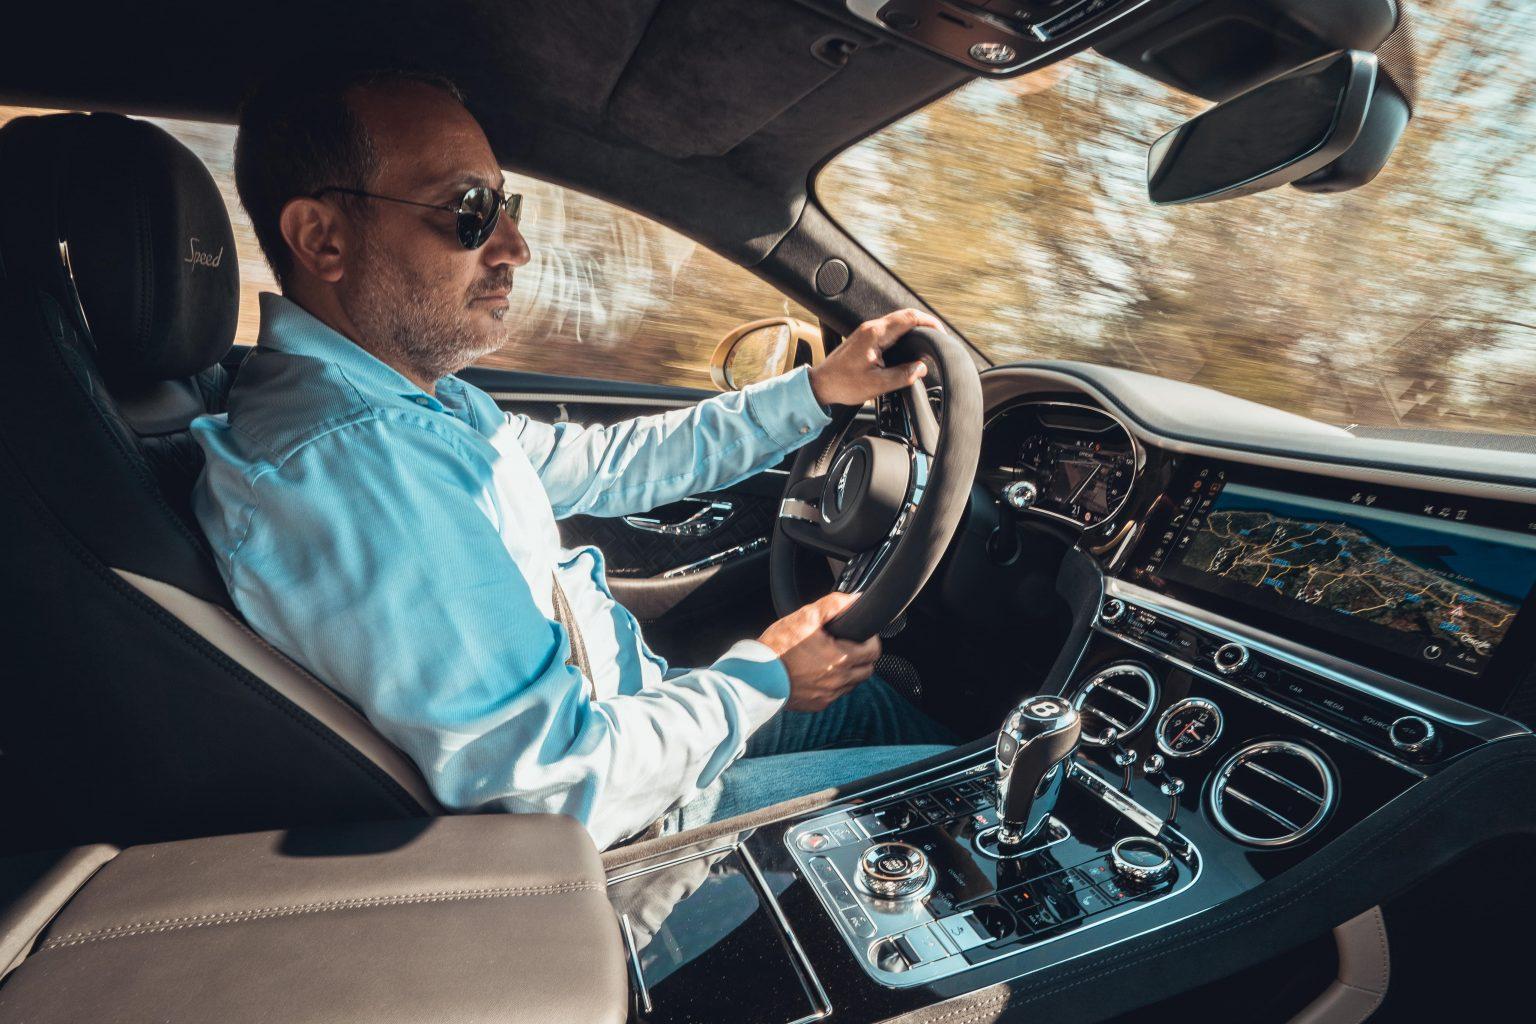 ريتشي - تجربة سيارة بنتلي كونتيننتال جي تي سبيد 2022 في صقلية